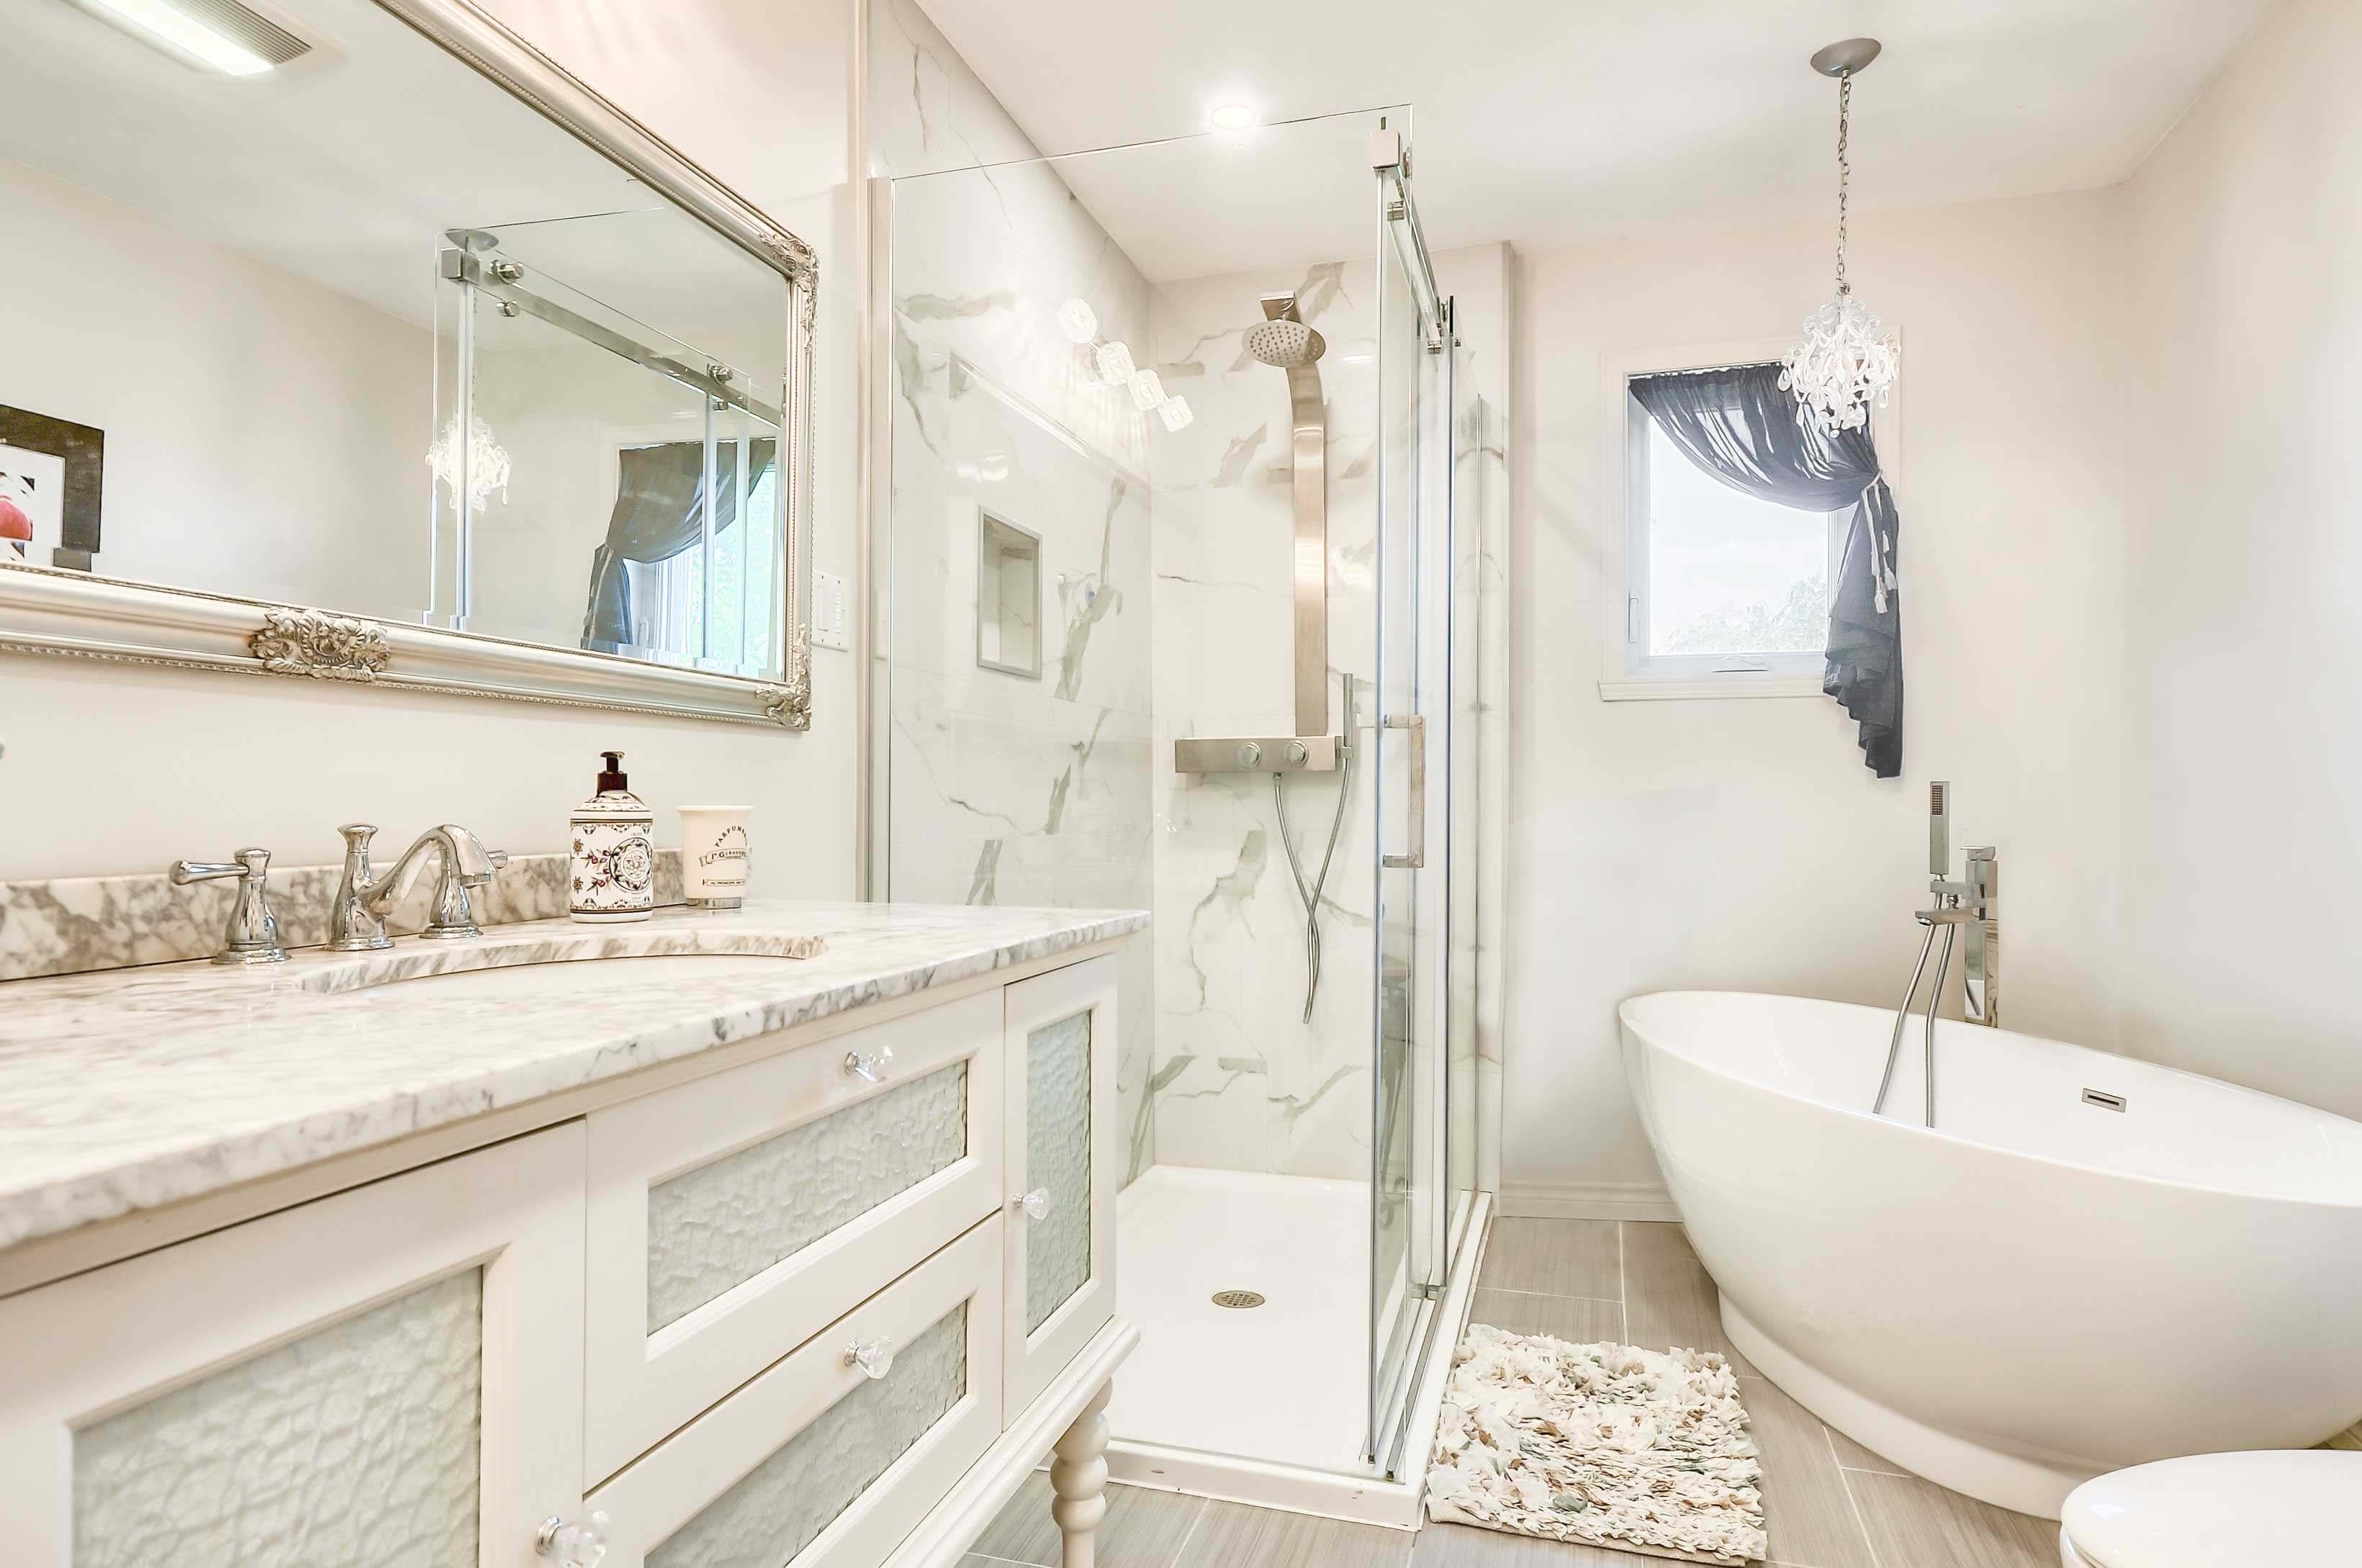 rénovation salle de bain au style classique avec bain autoportant, douche vitrée et vanité classique